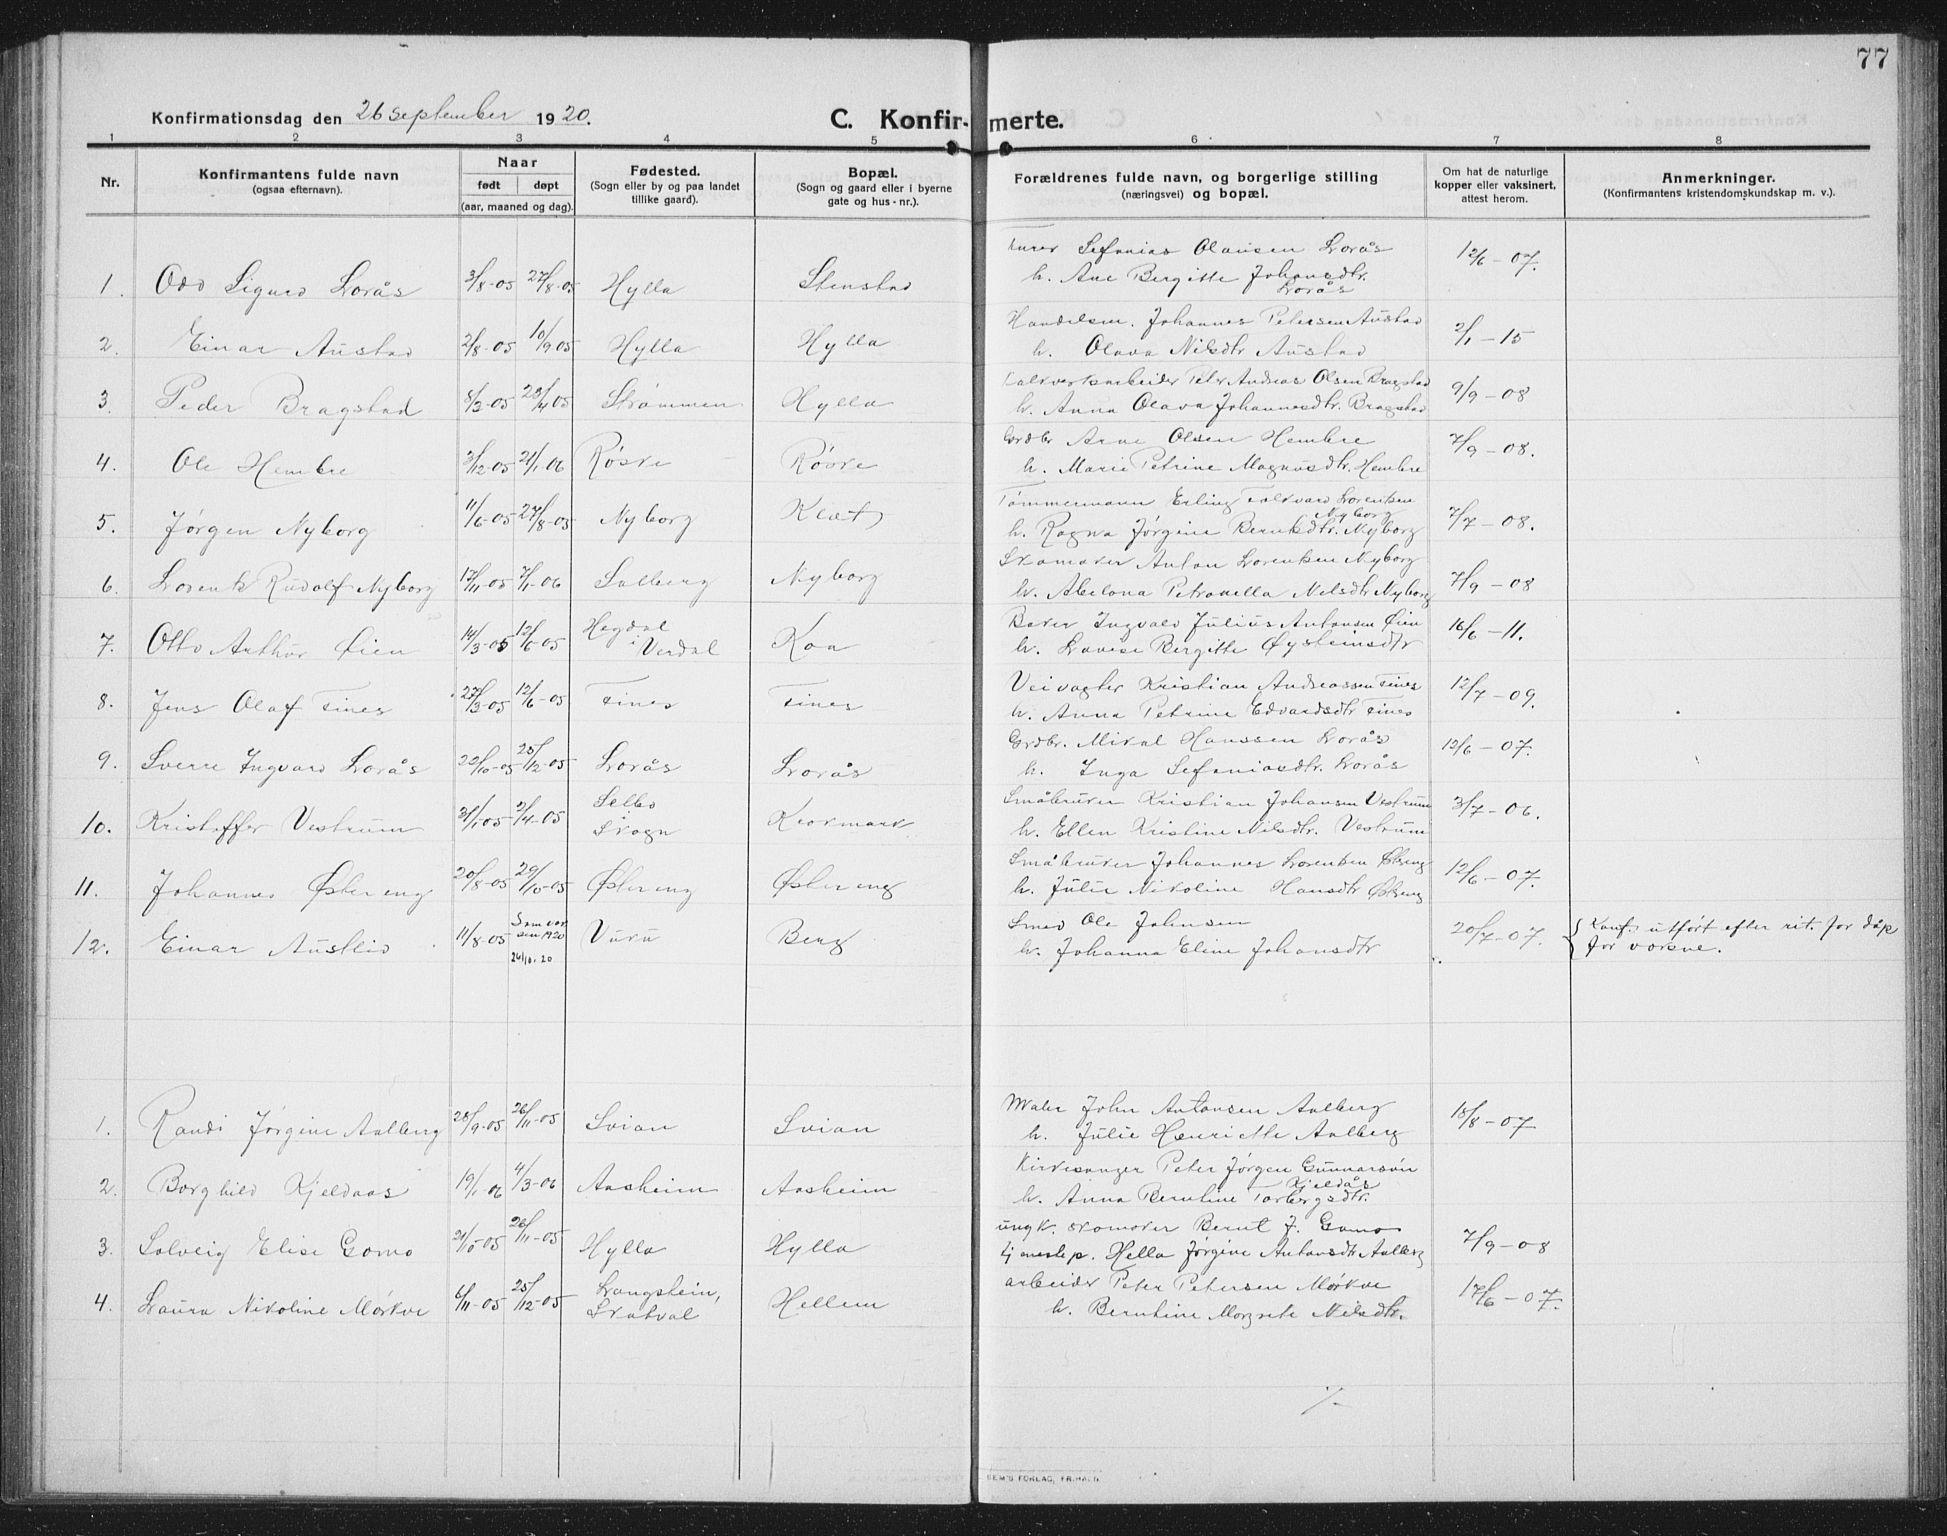 SAT, Ministerialprotokoller, klokkerbøker og fødselsregistre - Nord-Trøndelag, 731/L0312: Klokkerbok nr. 731C03, 1911-1935, s. 77